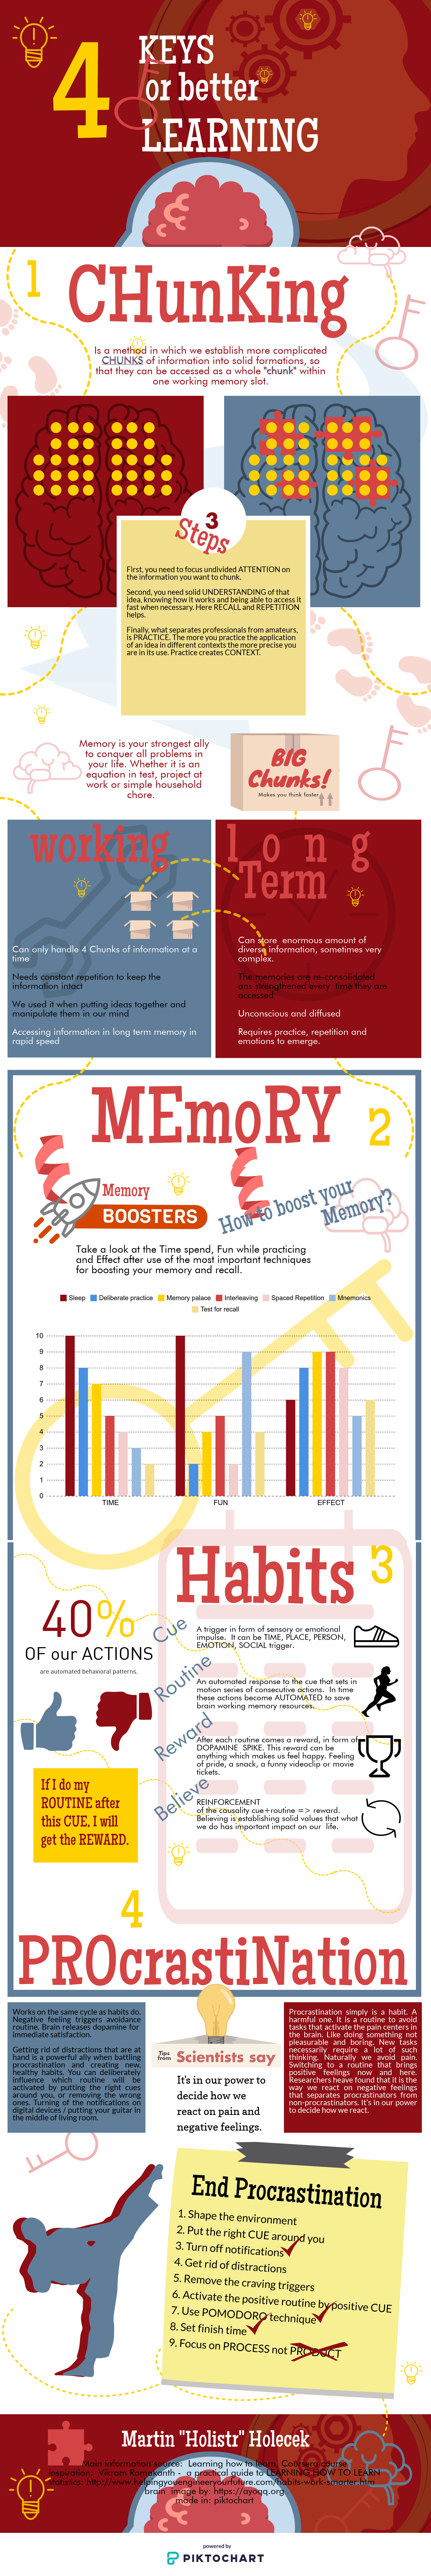 Infographics_Martin Holecek_4 keys for better learning